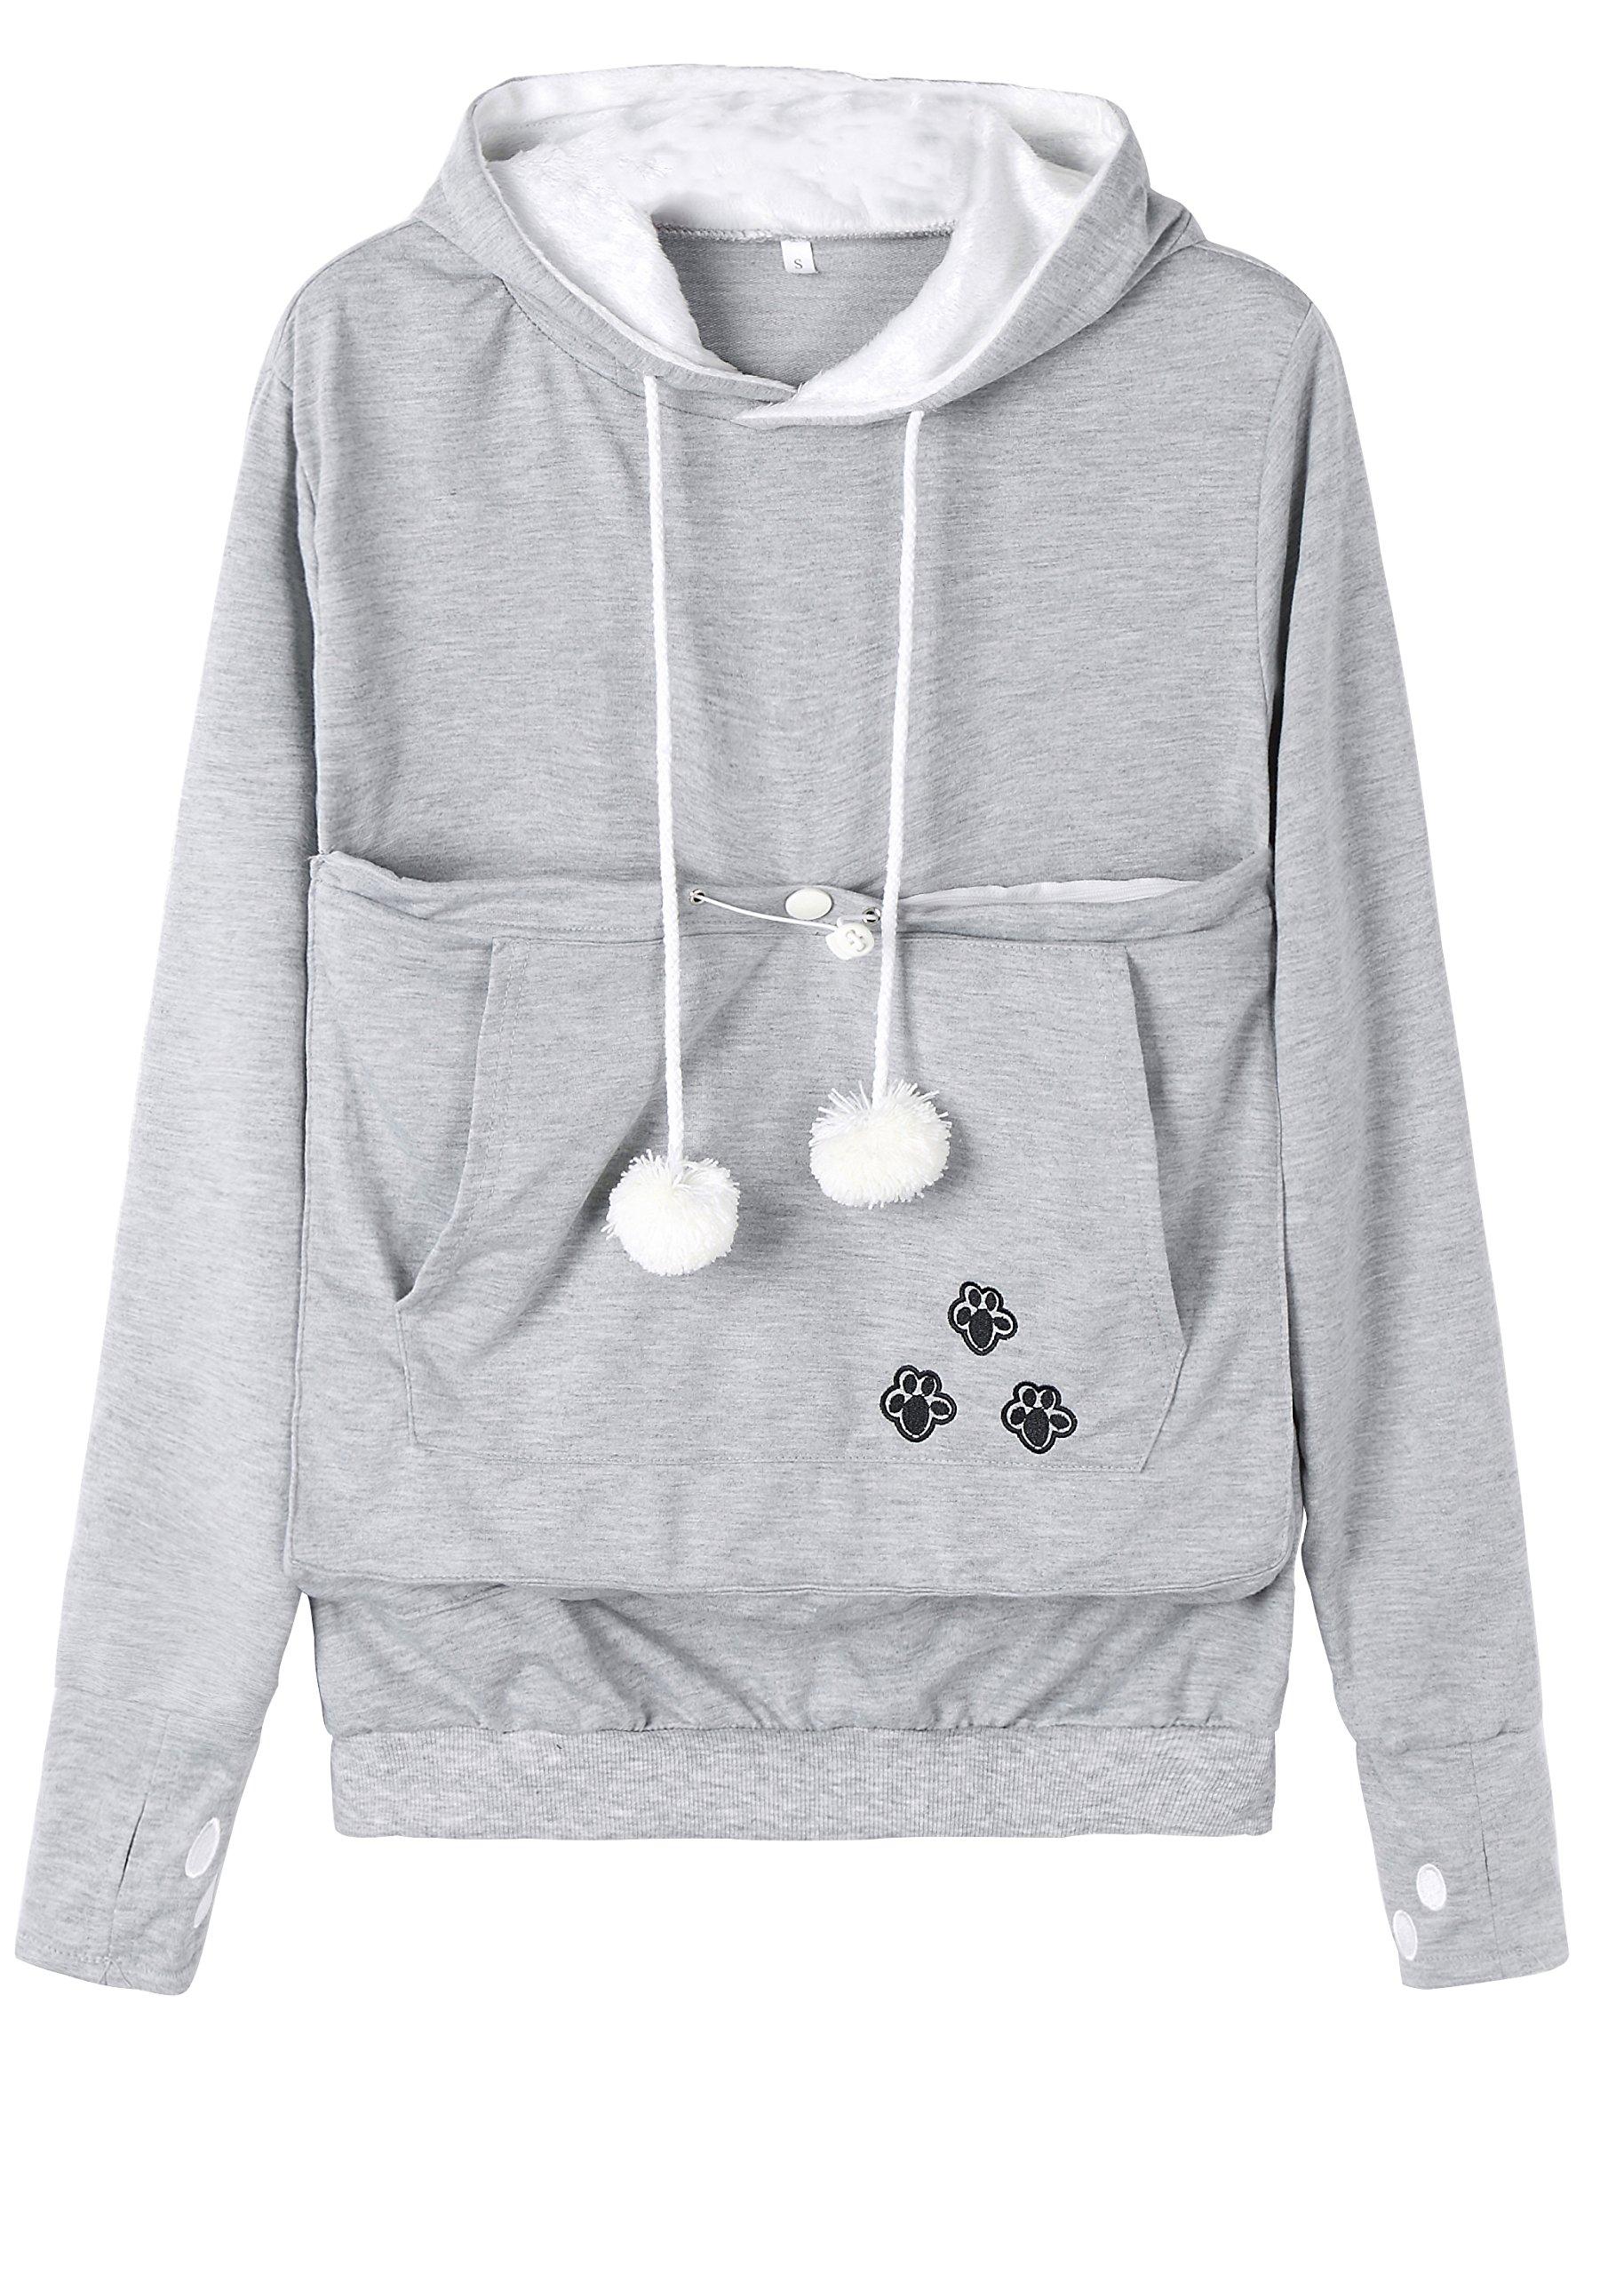 Anbech Women's Big Kangaroo Pouch Hoodie Little Pet Dog Cat Carrier Sweatshirts